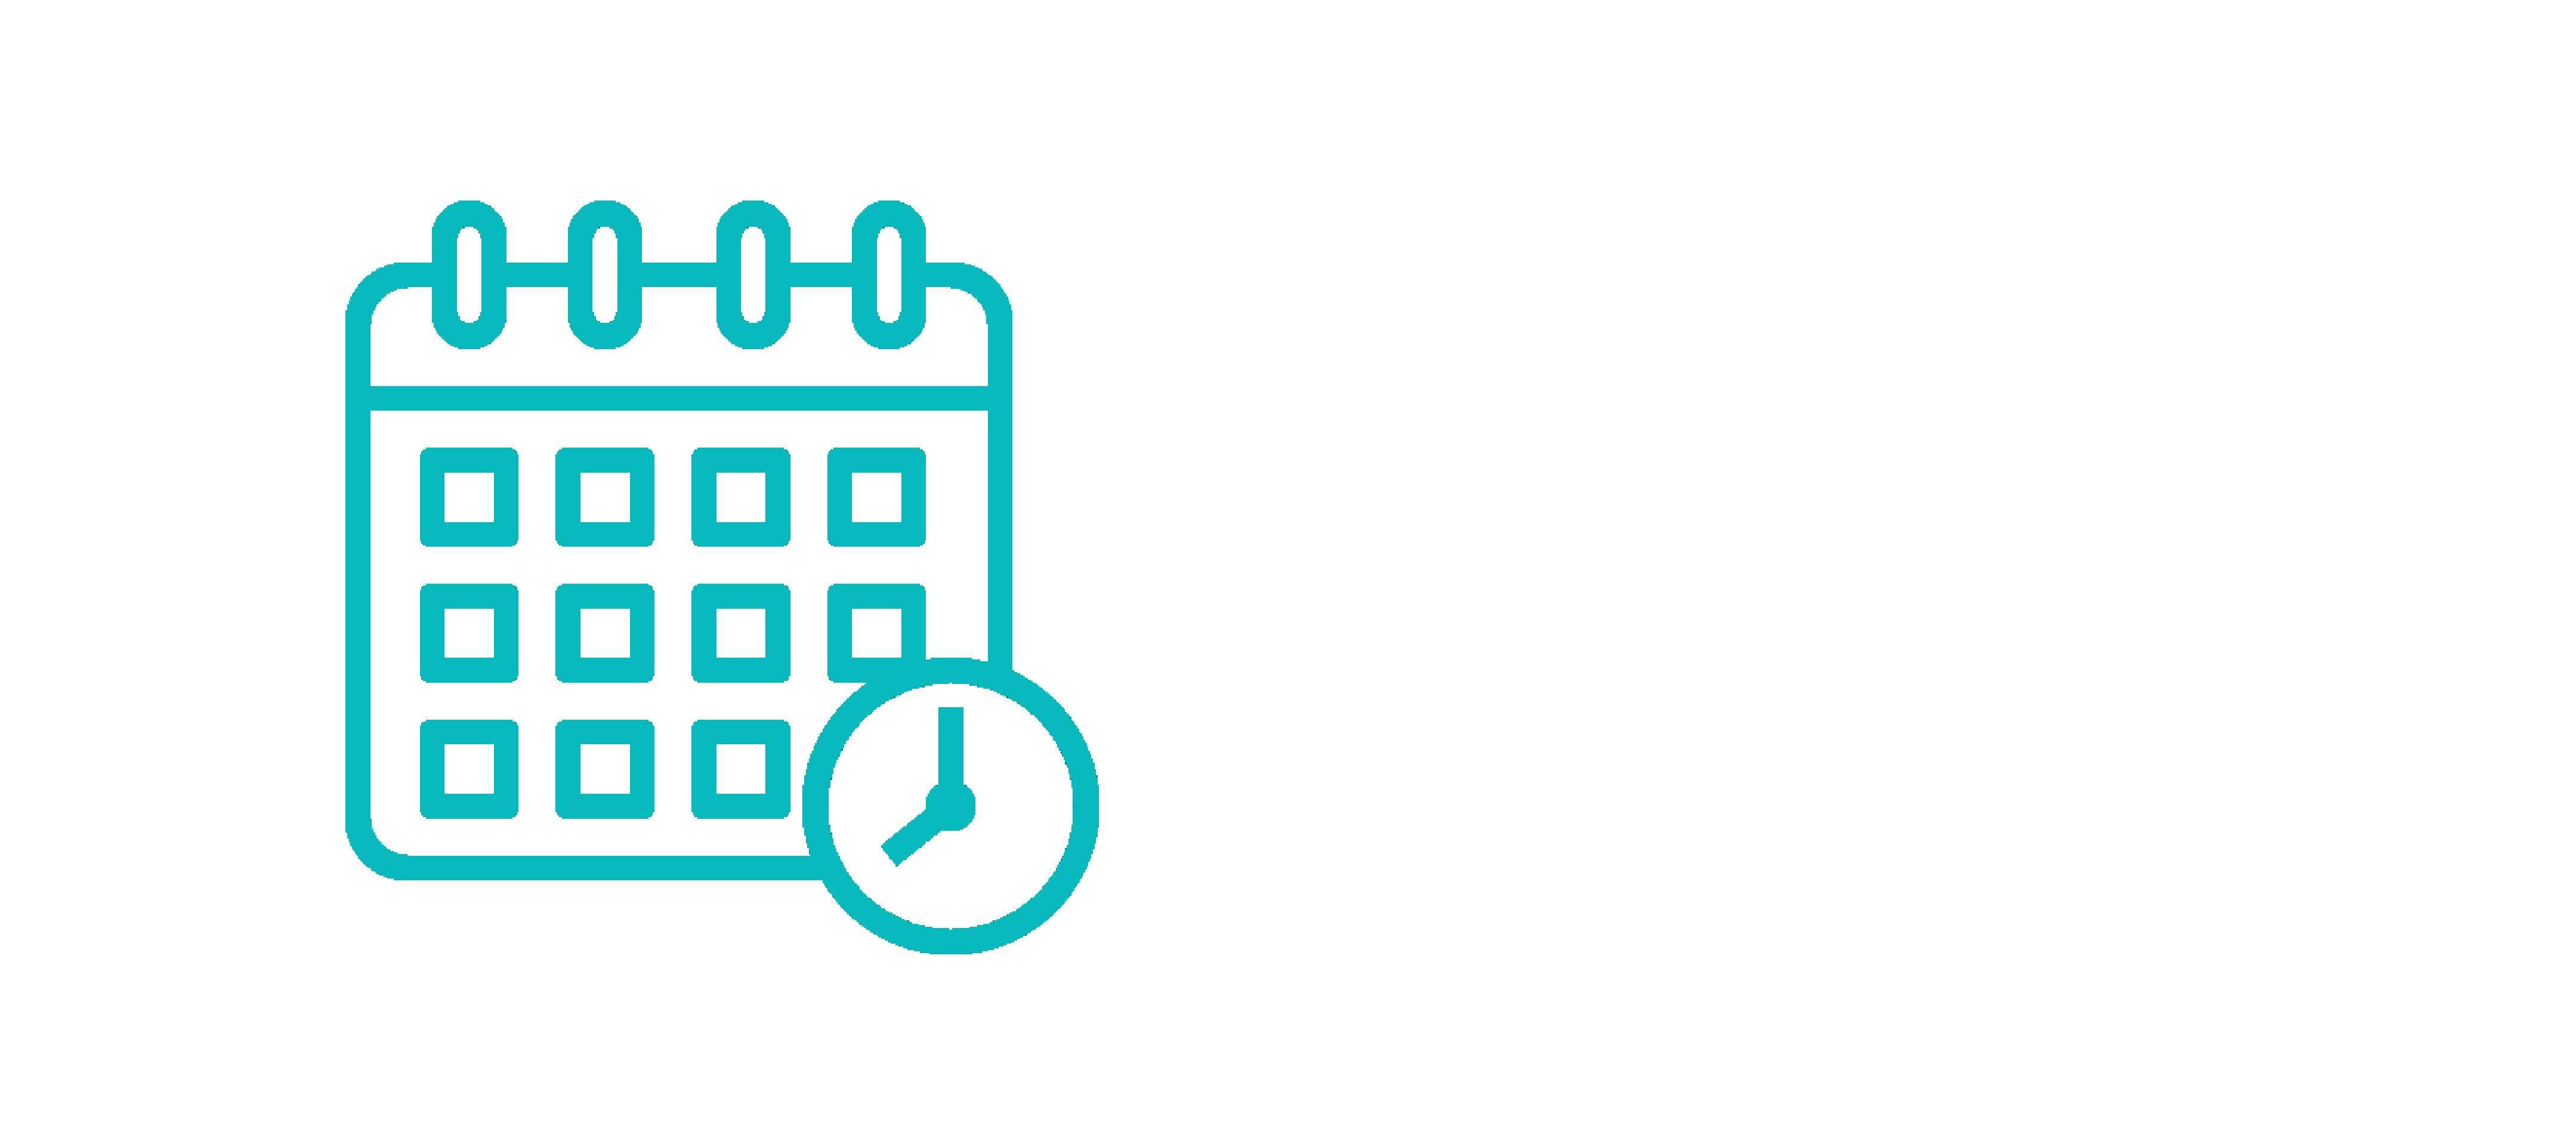 Orari-studio-grafico-Anagni